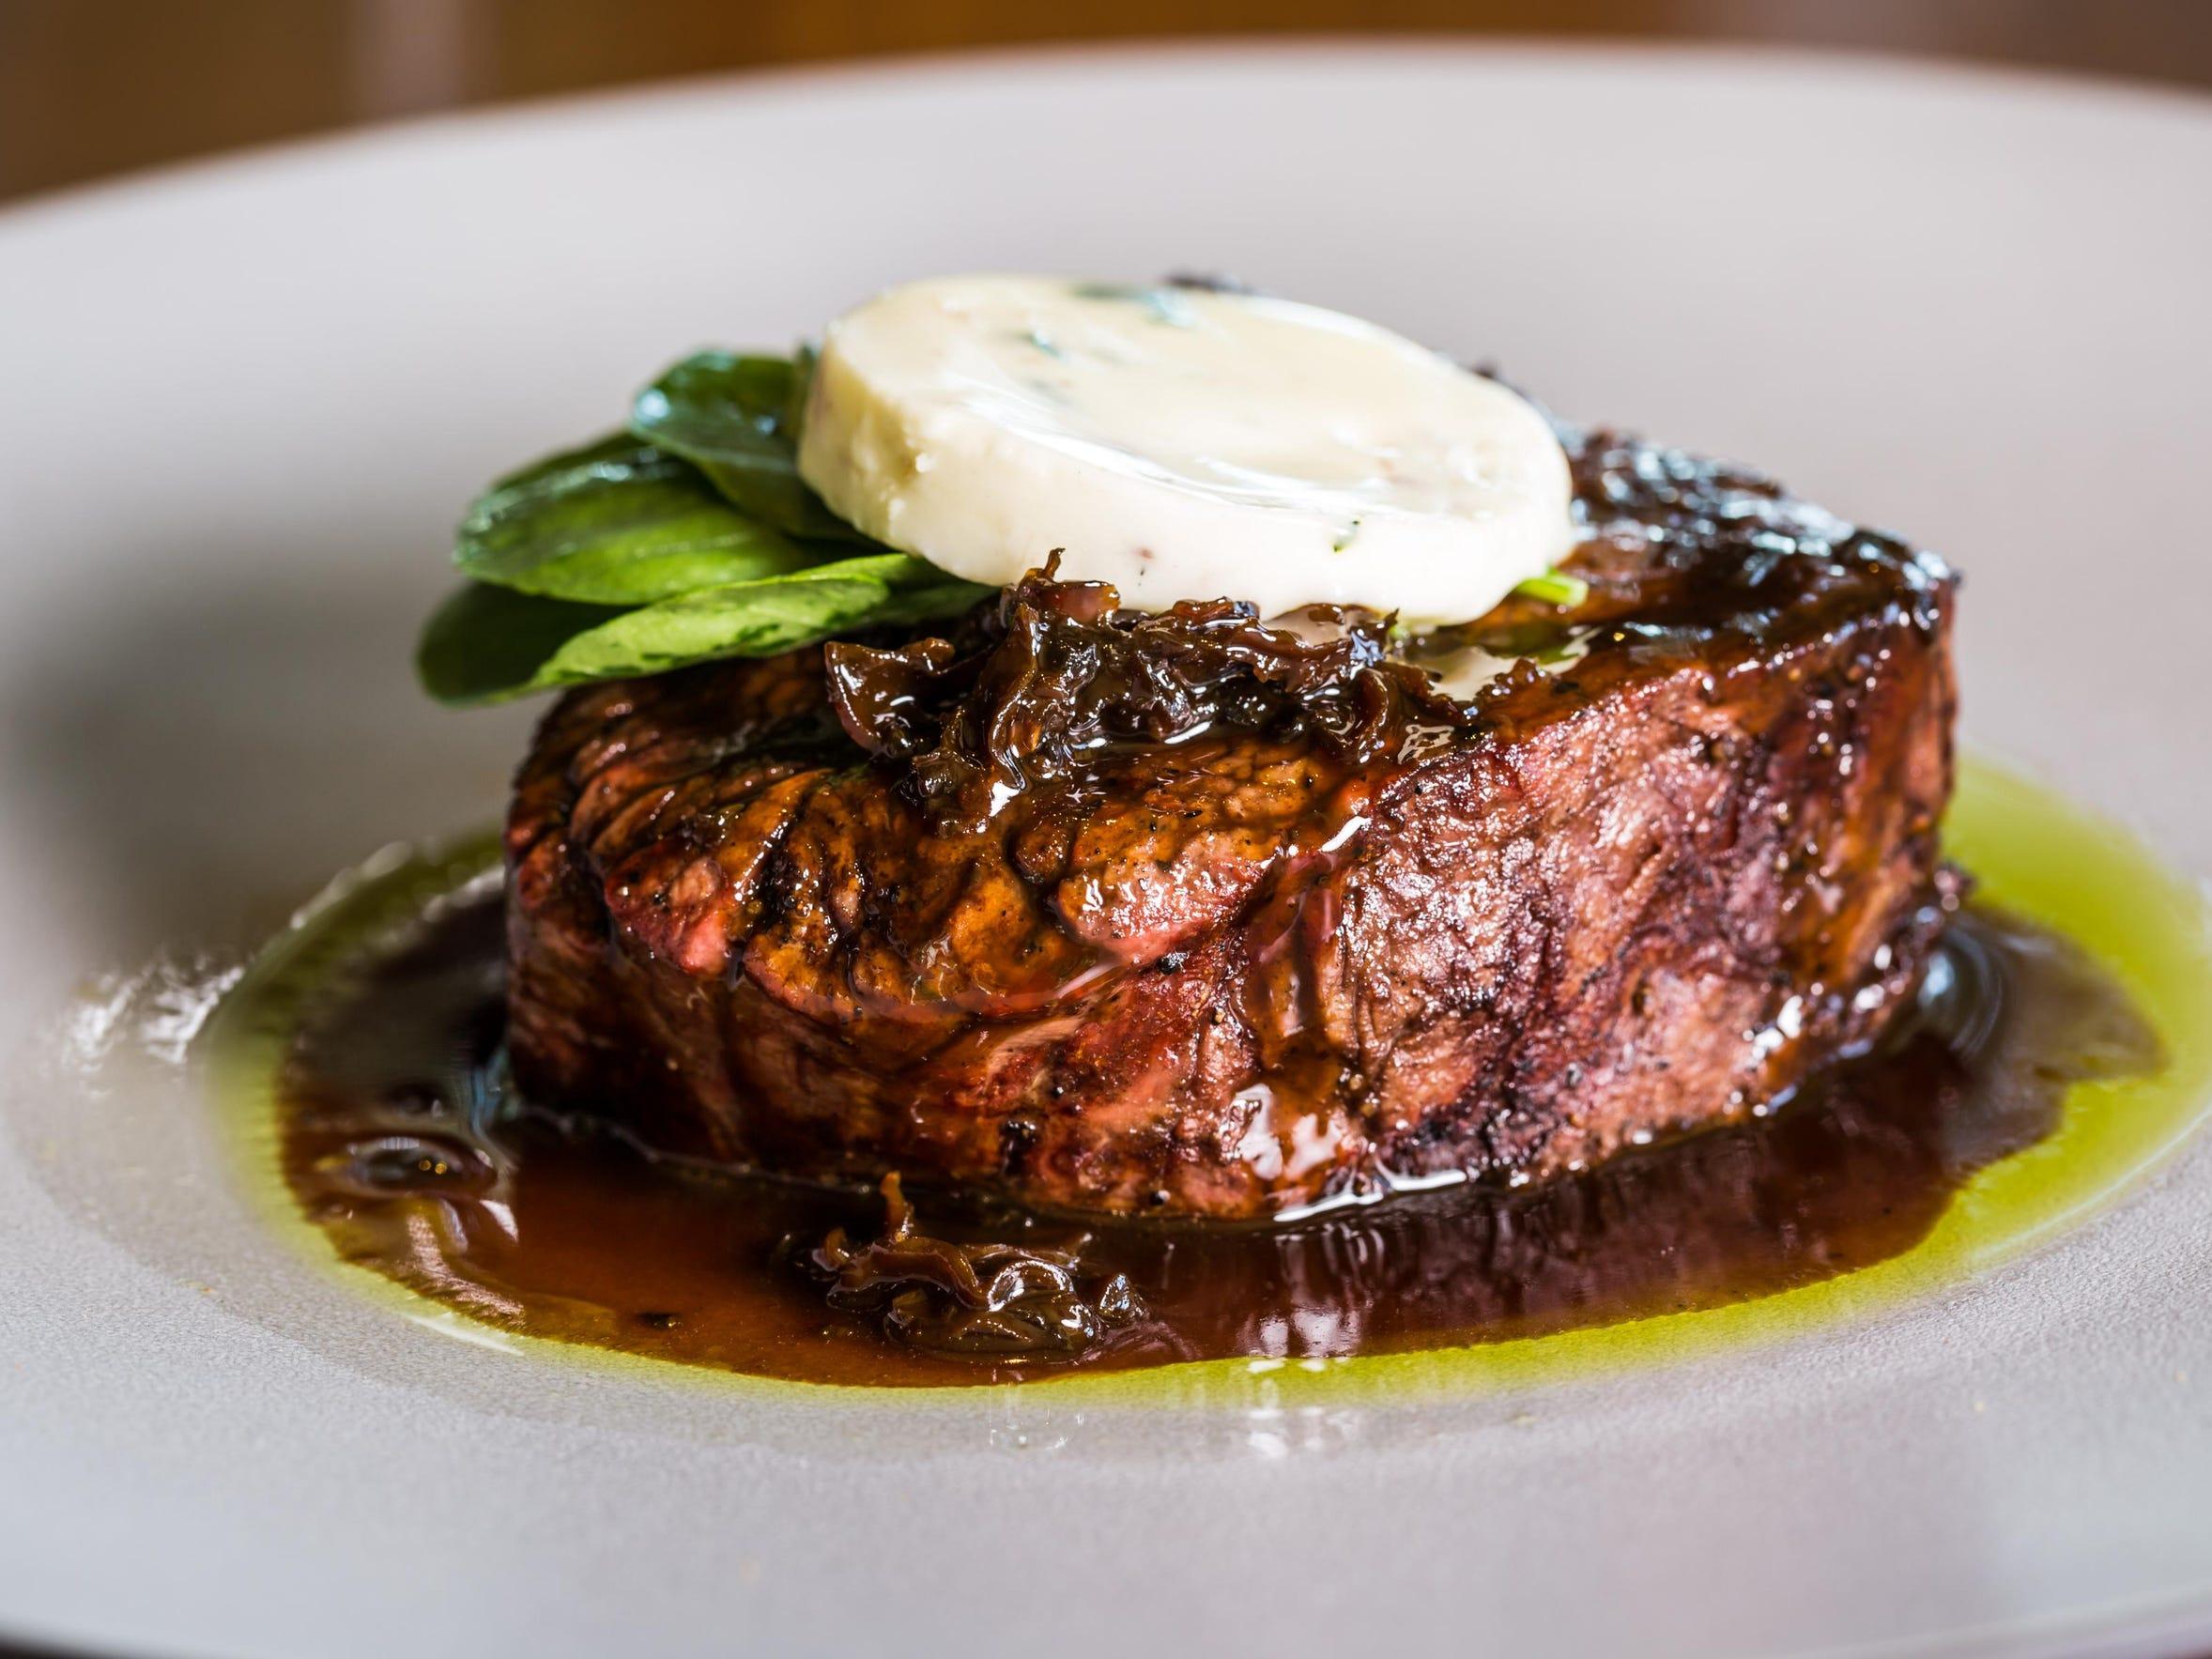 At Lone Eagle Grille at Hyatt Regency Lake Tahoe, chef